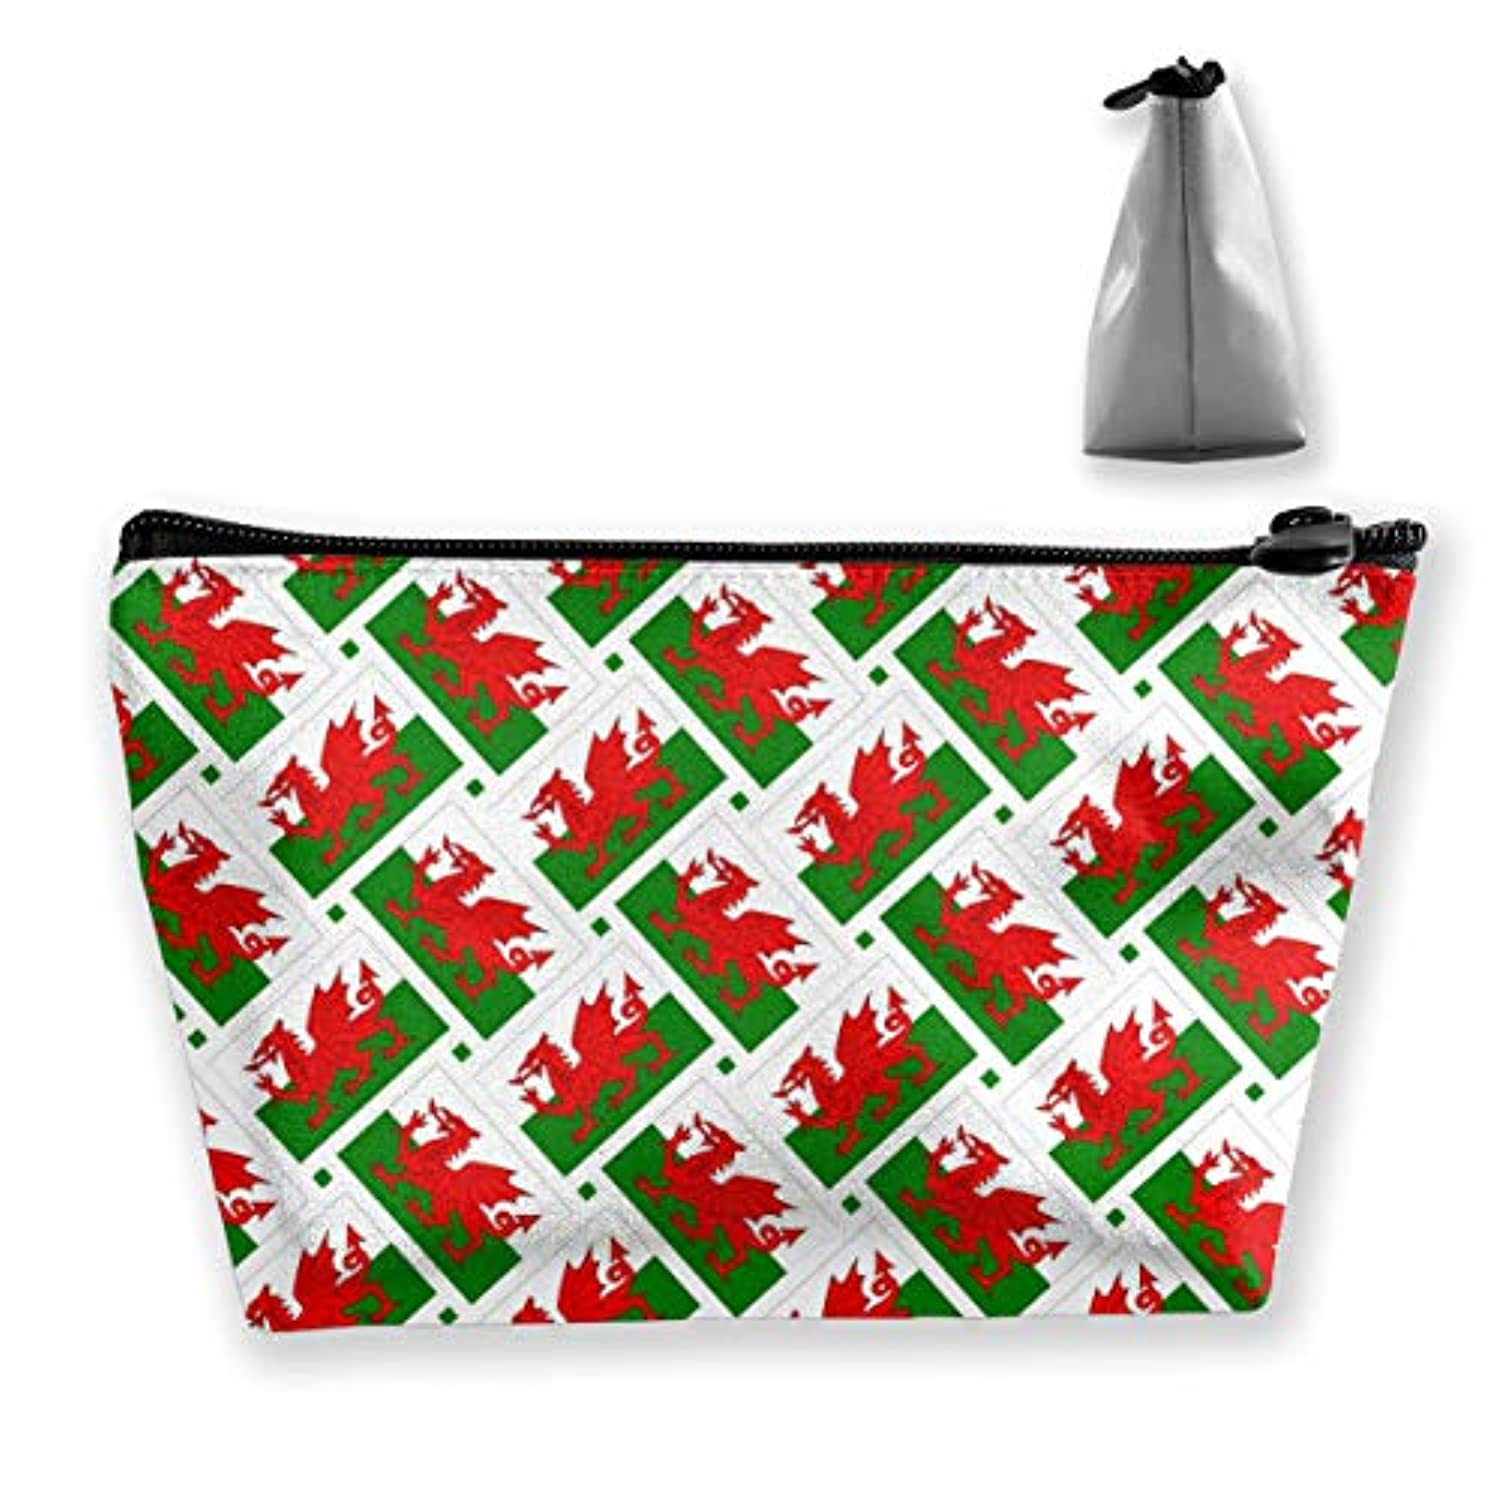 破裂クリケットジャンプウェールズの旗 化粧ポーチ メイクポーチ ミニ 財布 機能的 大容量 ポータブル 収納 小物入れ 普段使い 出張 旅行 ビーチサイド旅行